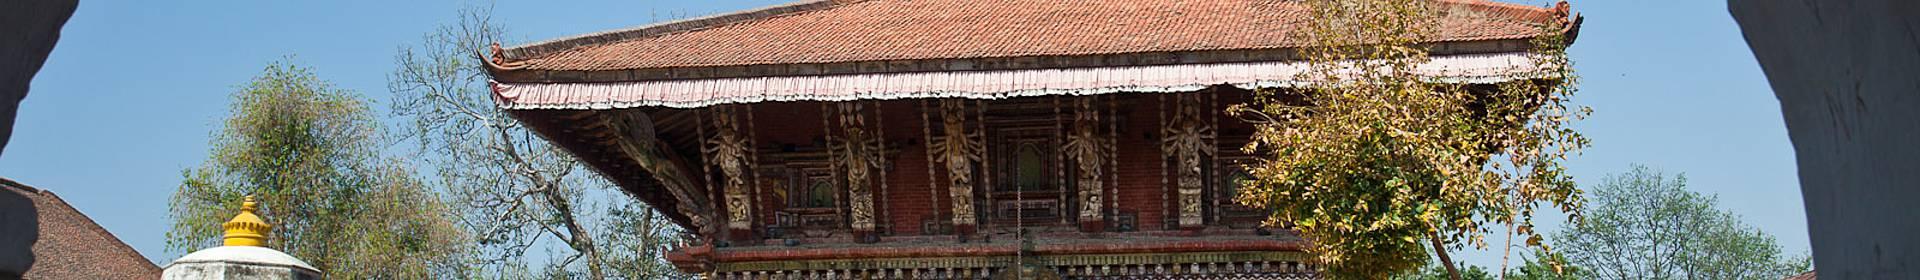 Changu Narayan